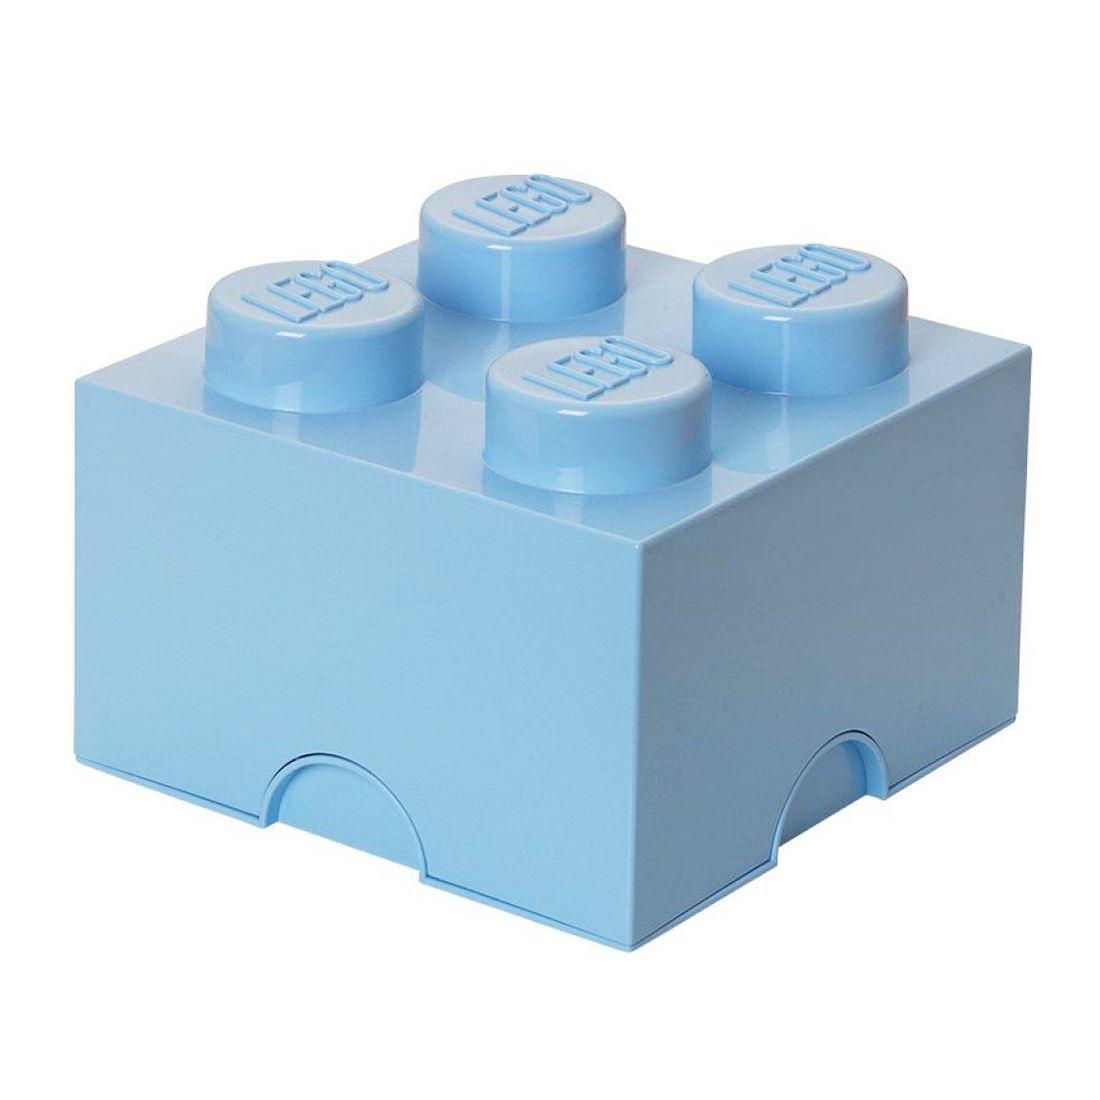 Lego almacenaje ladrillo caja 4 pomos infantil dormitorio sala juegos ebay - Caja almacenaje infantil ...